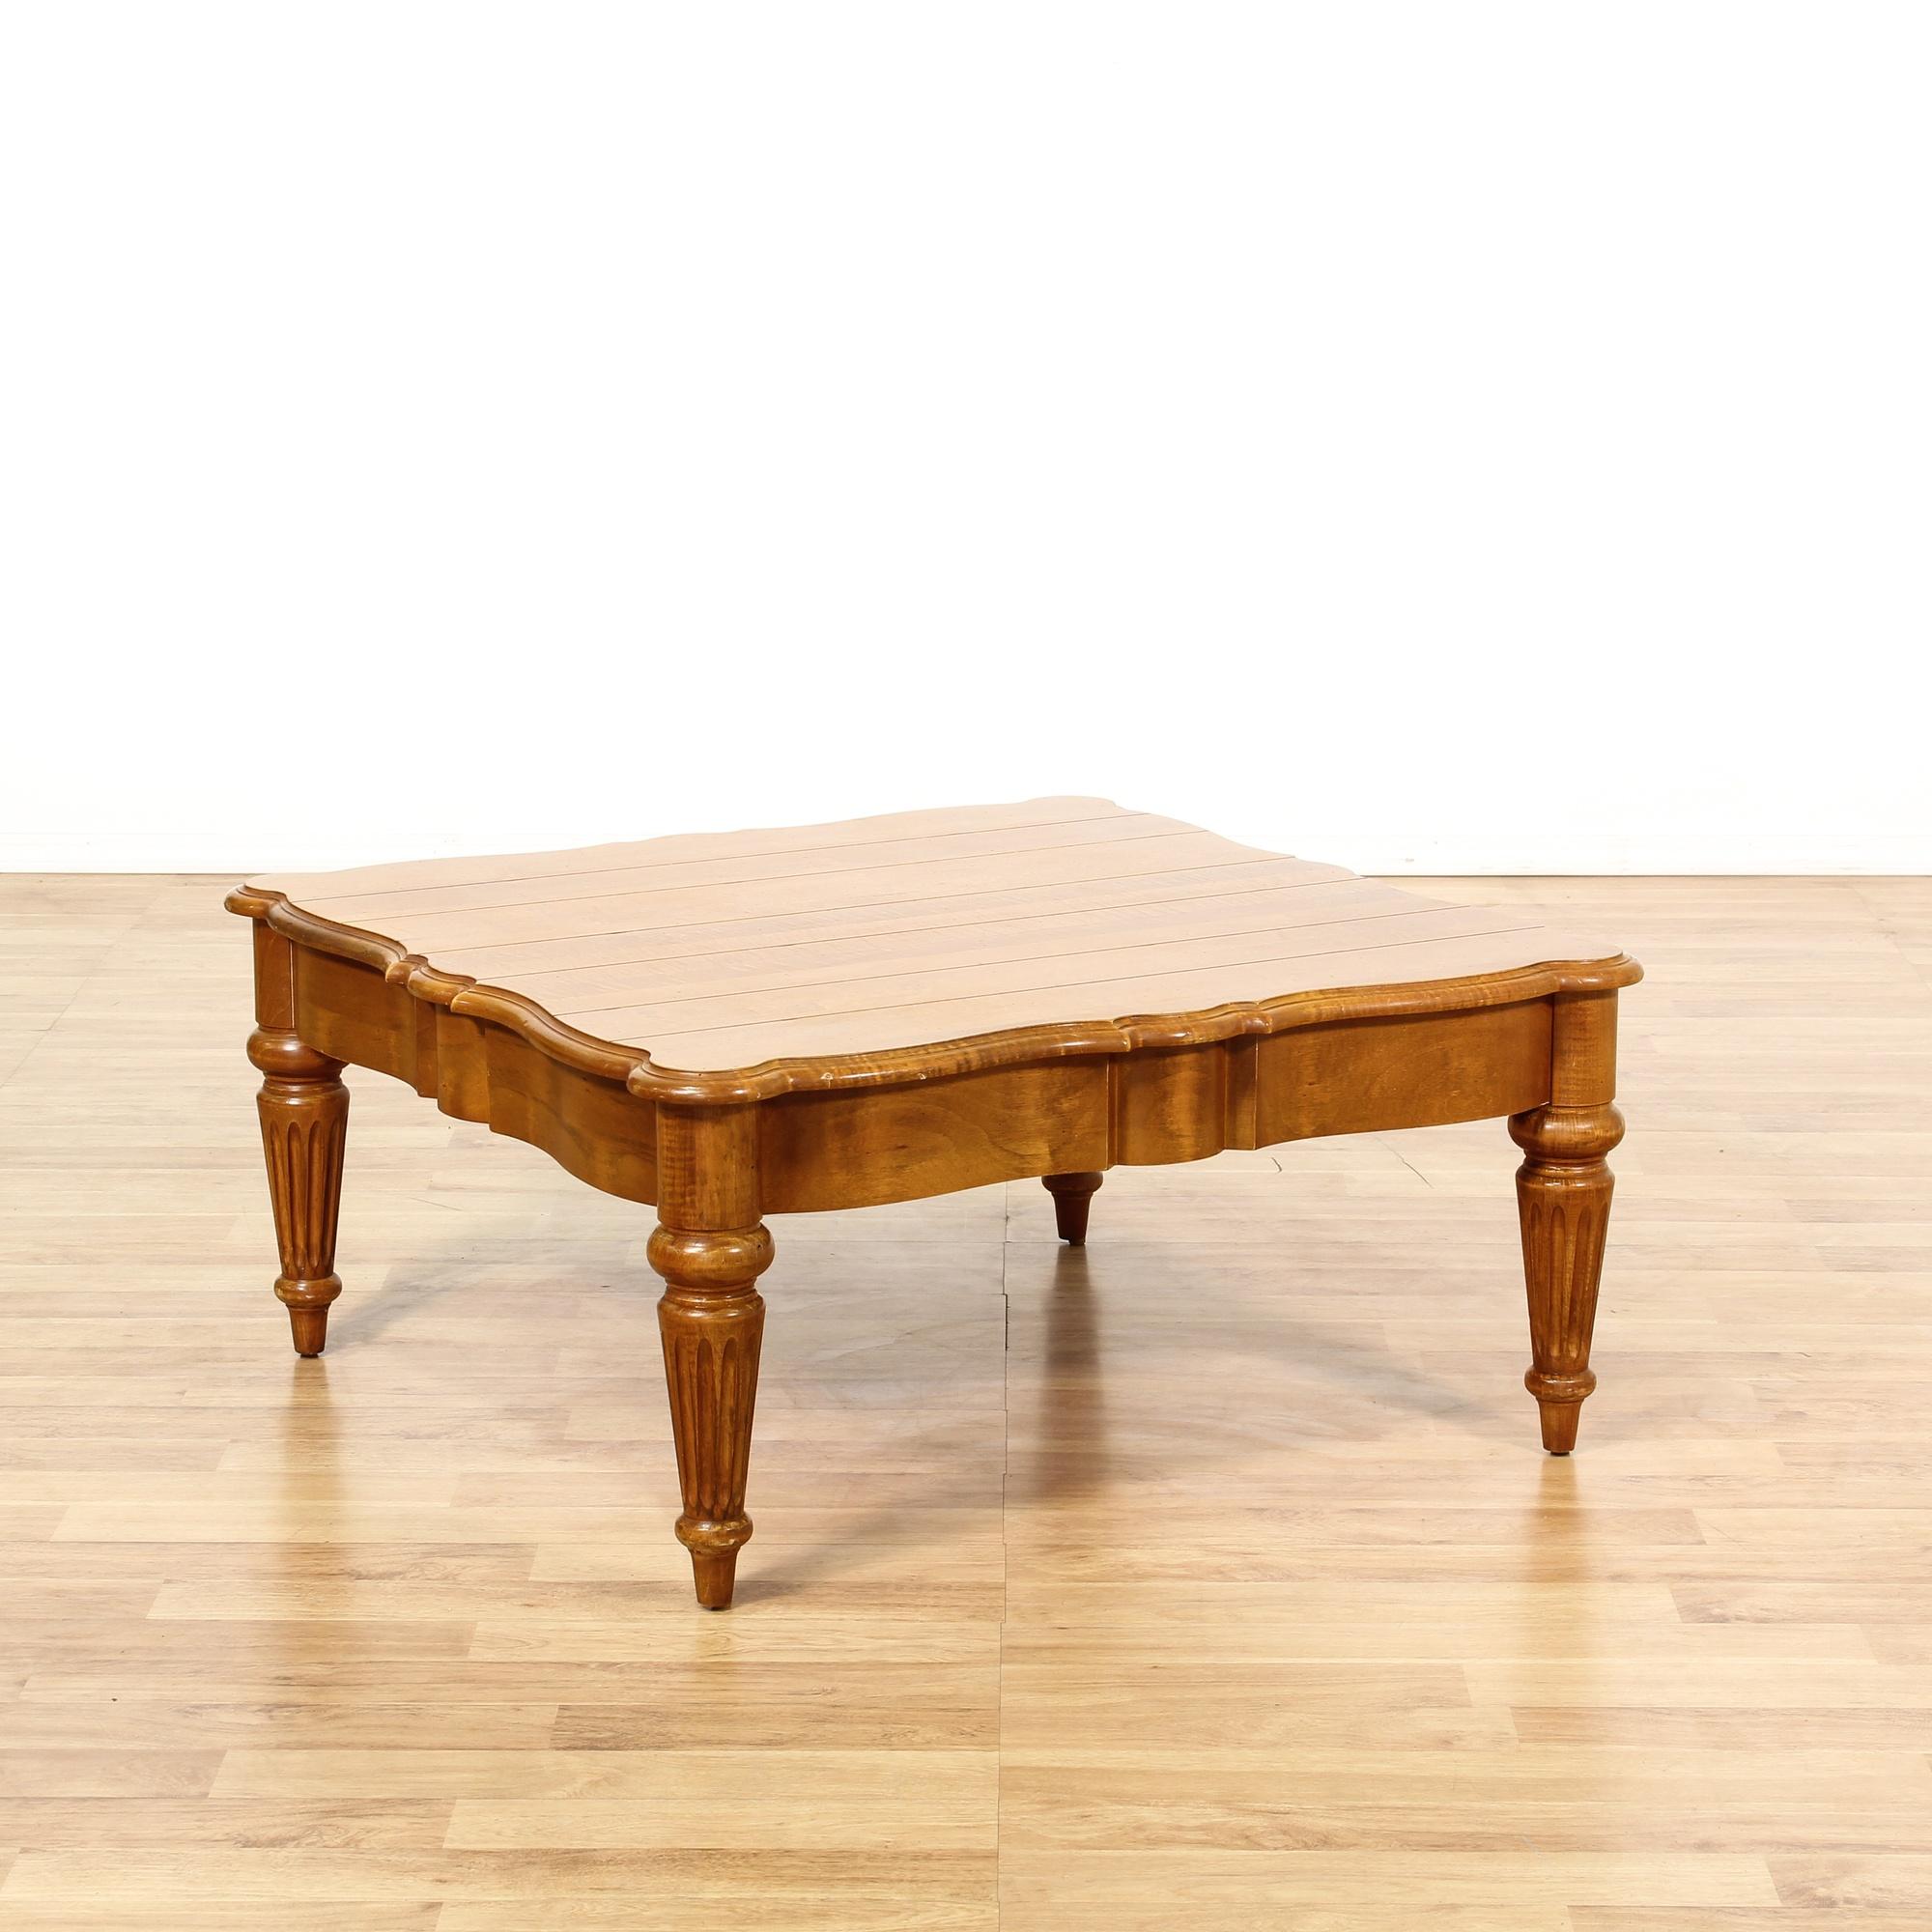 Reclaimed Wood Mid Century Coffee Table: Mid Century Scalloped Edge Wood Slat Coffee Table